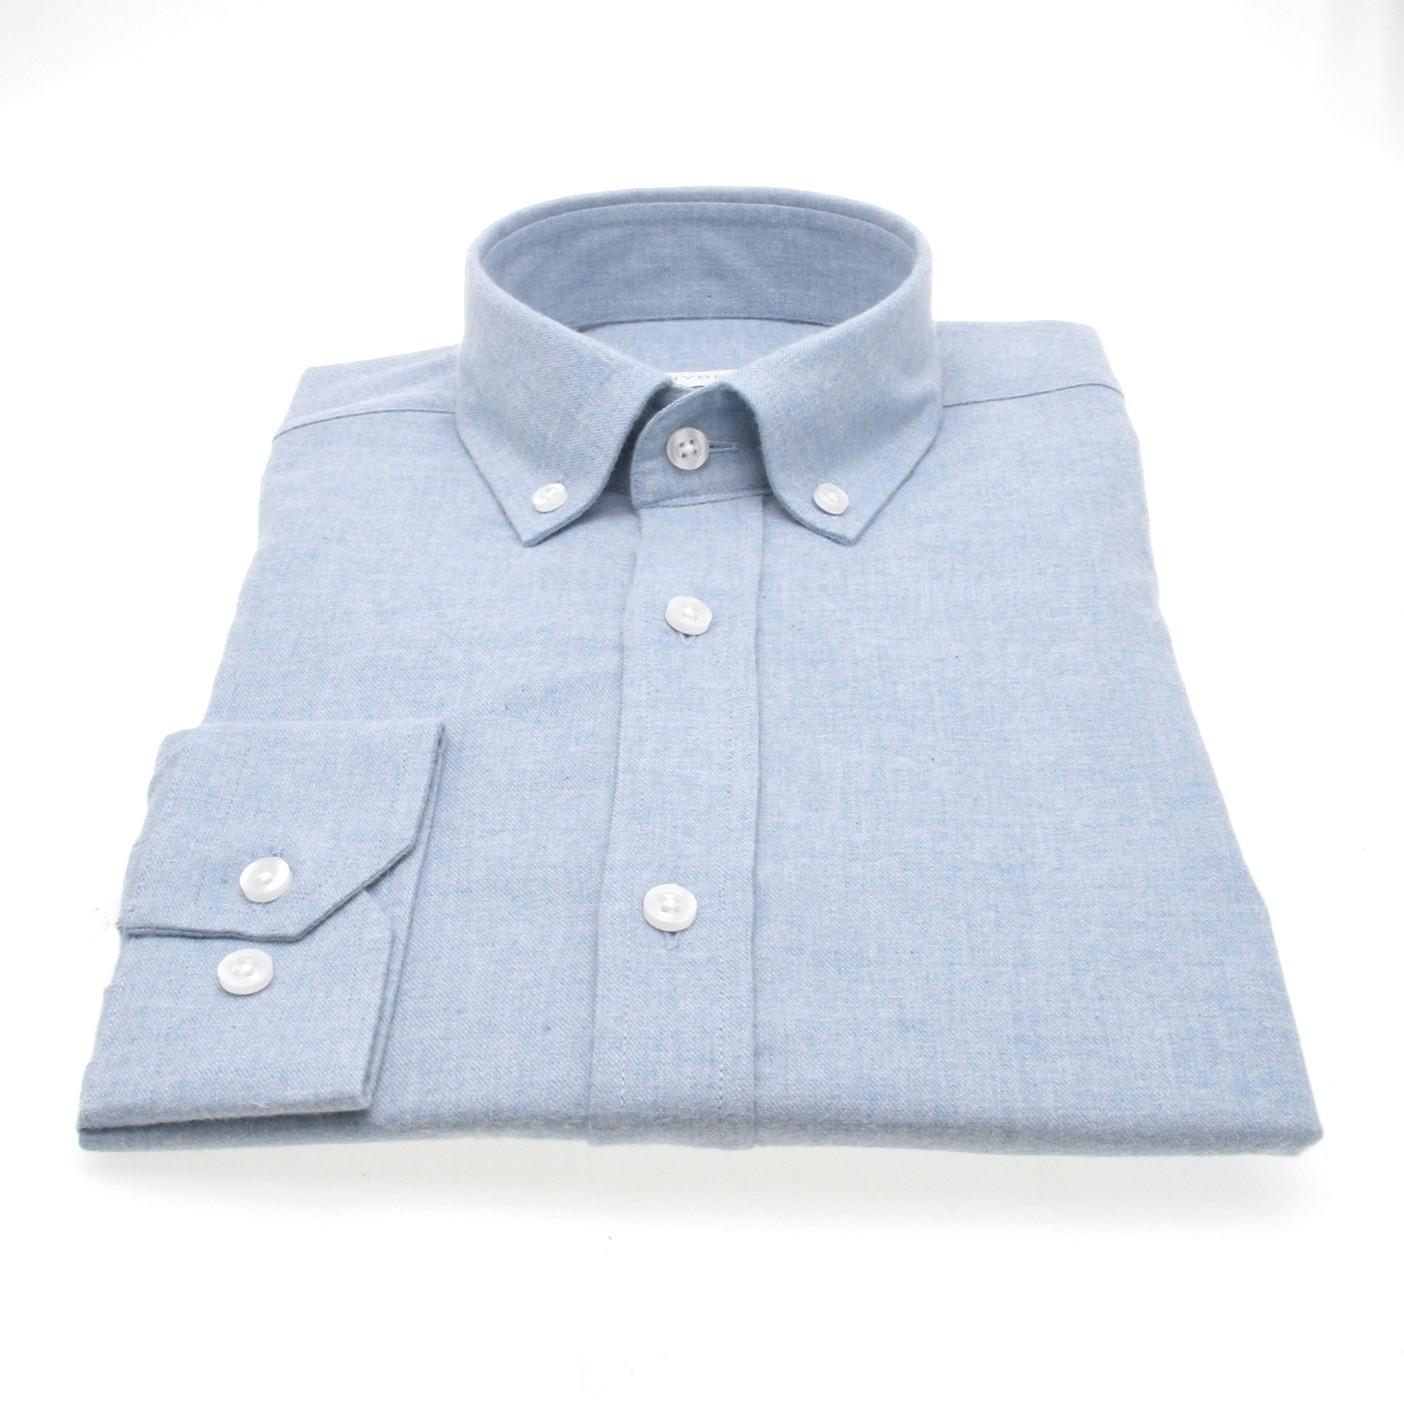 Chemise Winter Vermont : Bleu ciel - Flanelle (chemise)